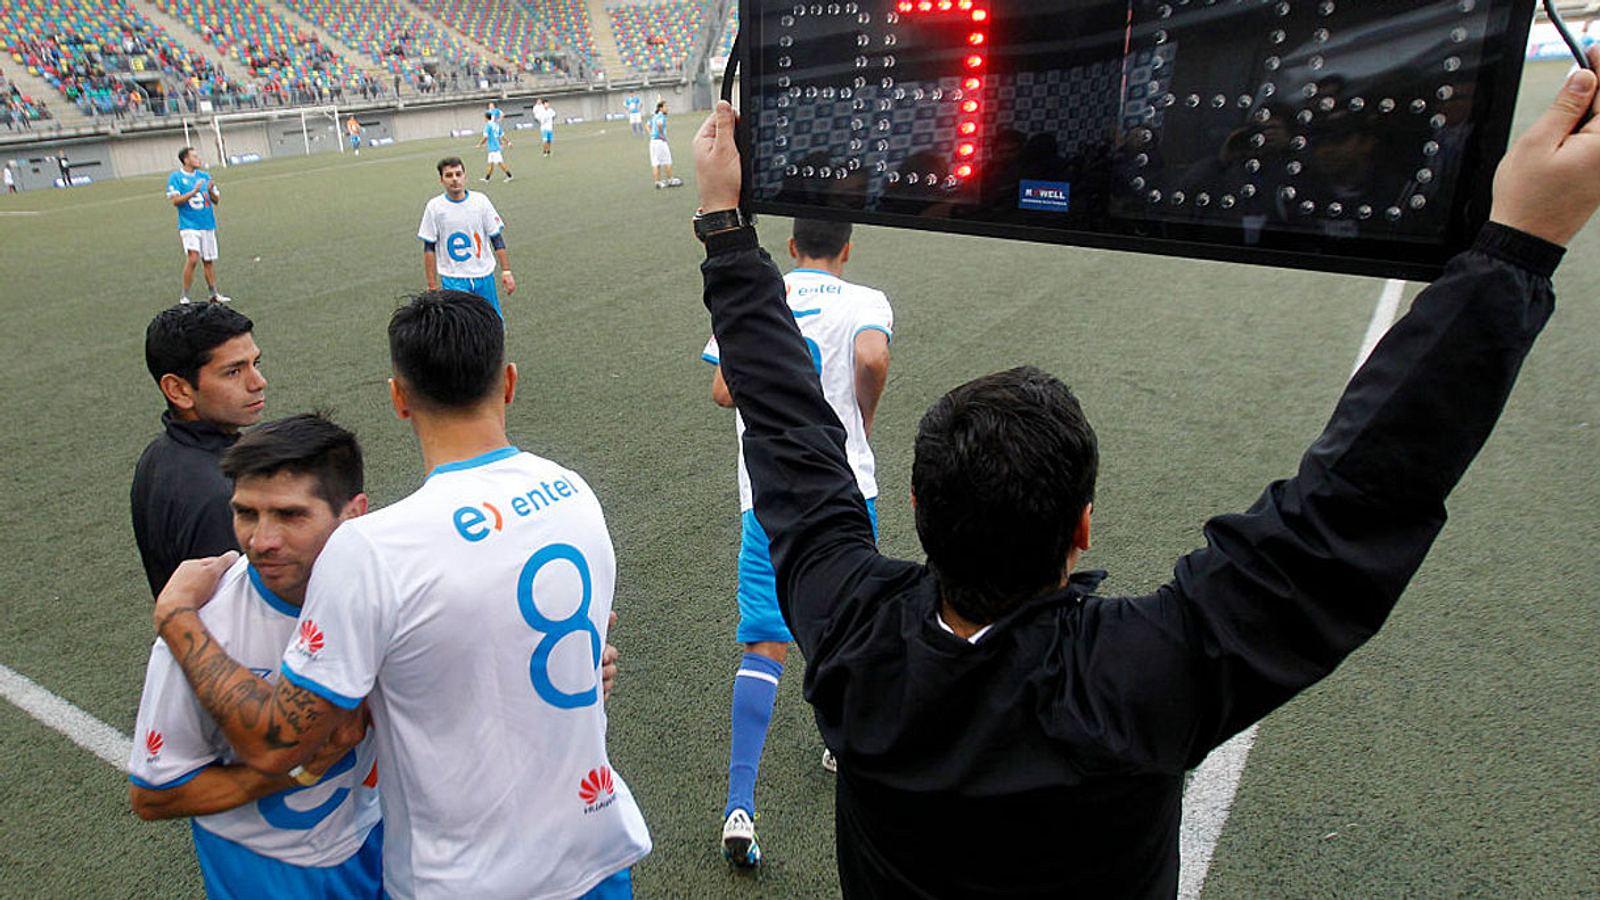 Das längste Fußballspiel der Welt